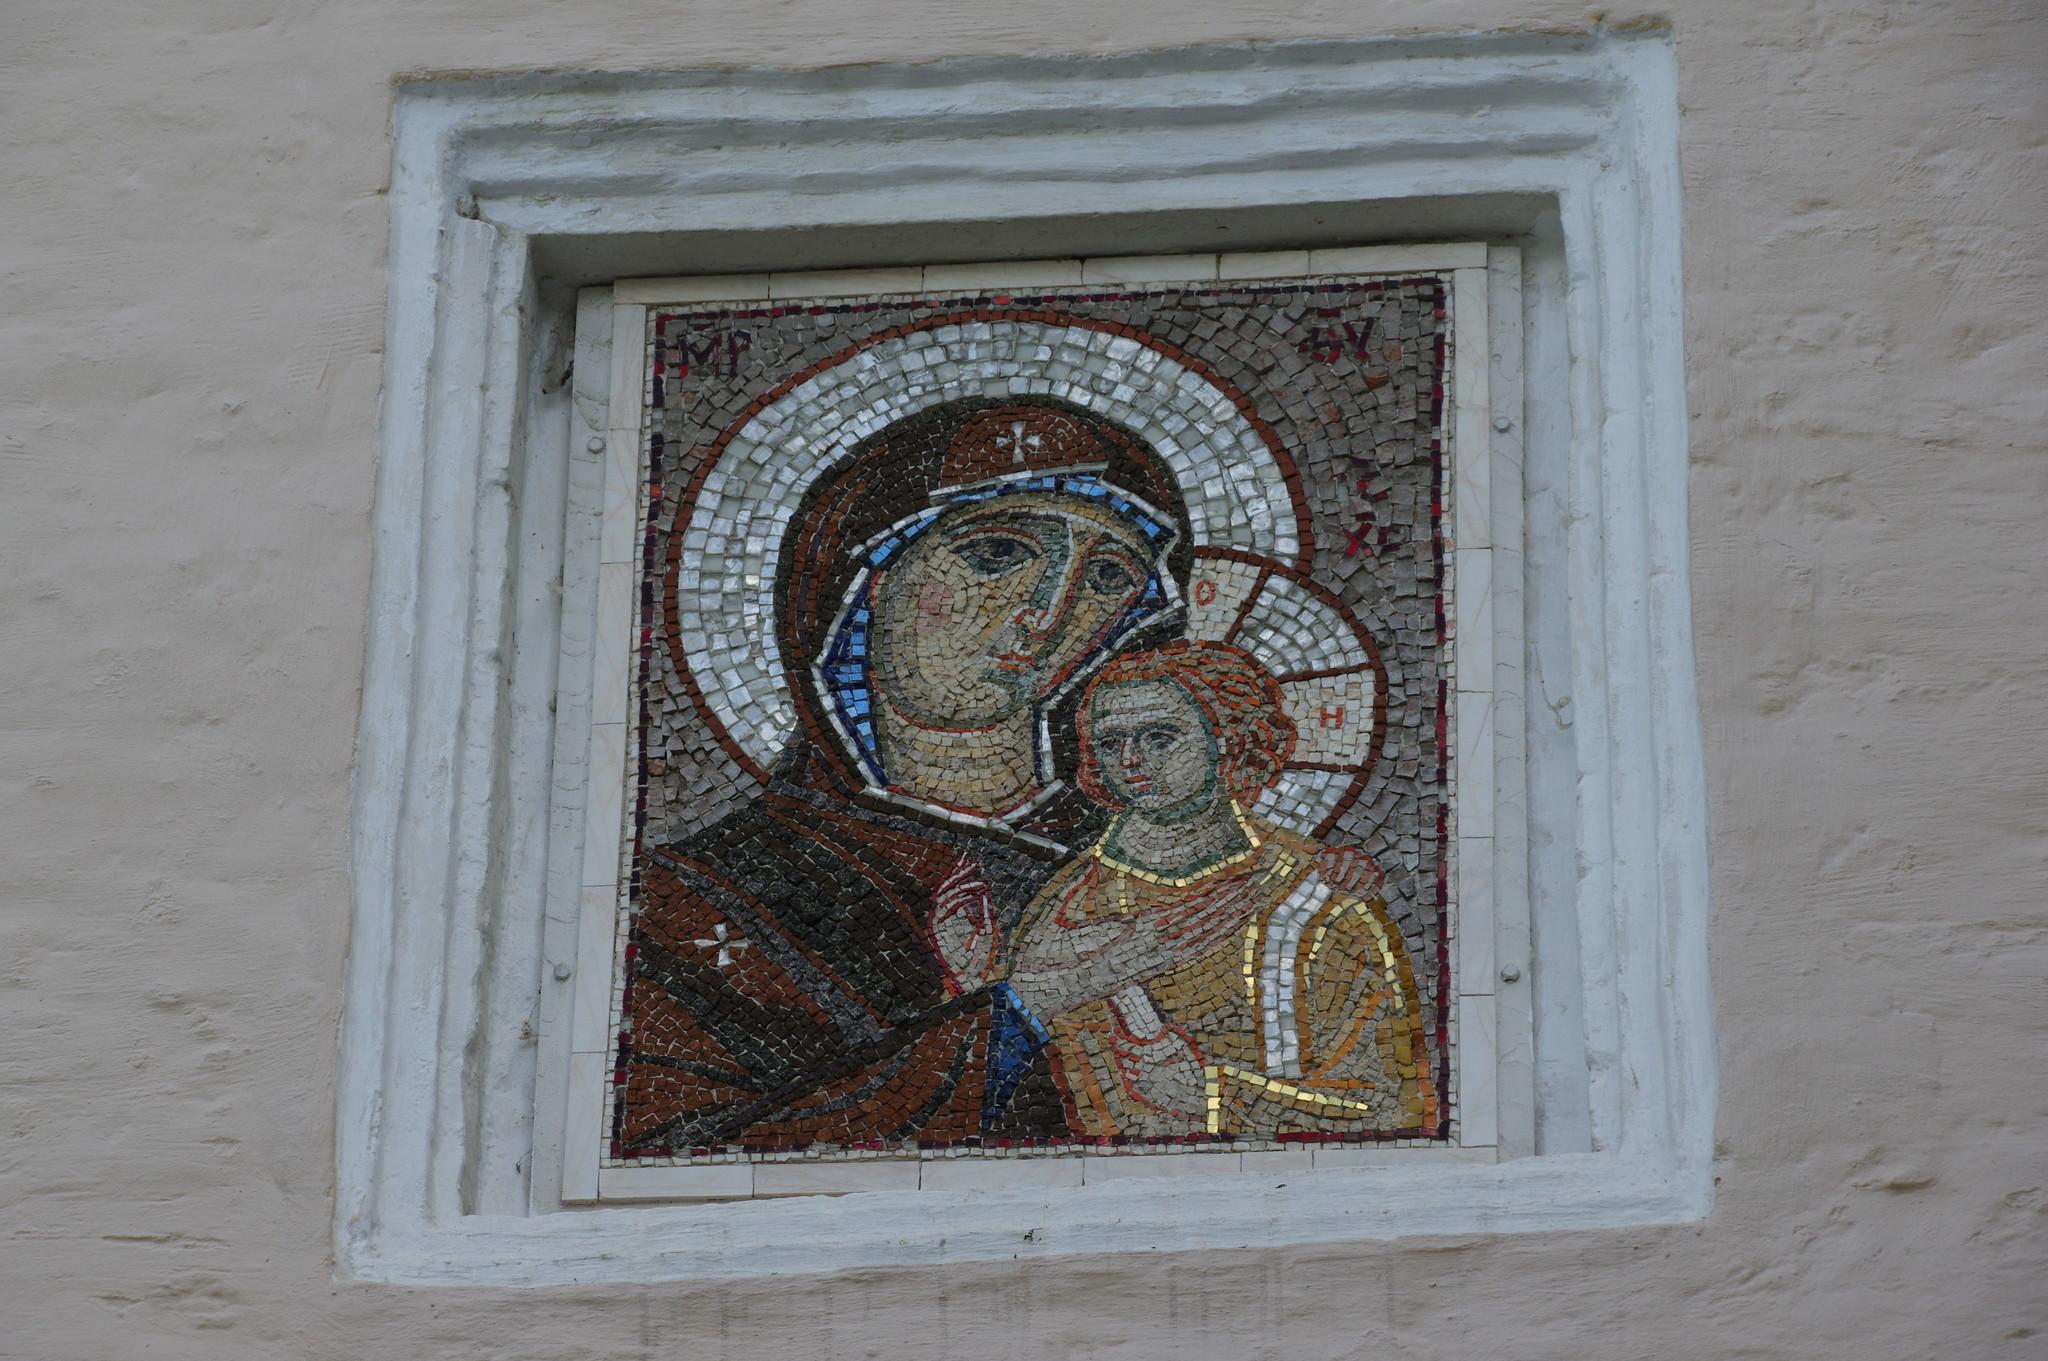 Храм Успения Пресвятой Богородицы в Путинках (Успенский переулок, дом 4)